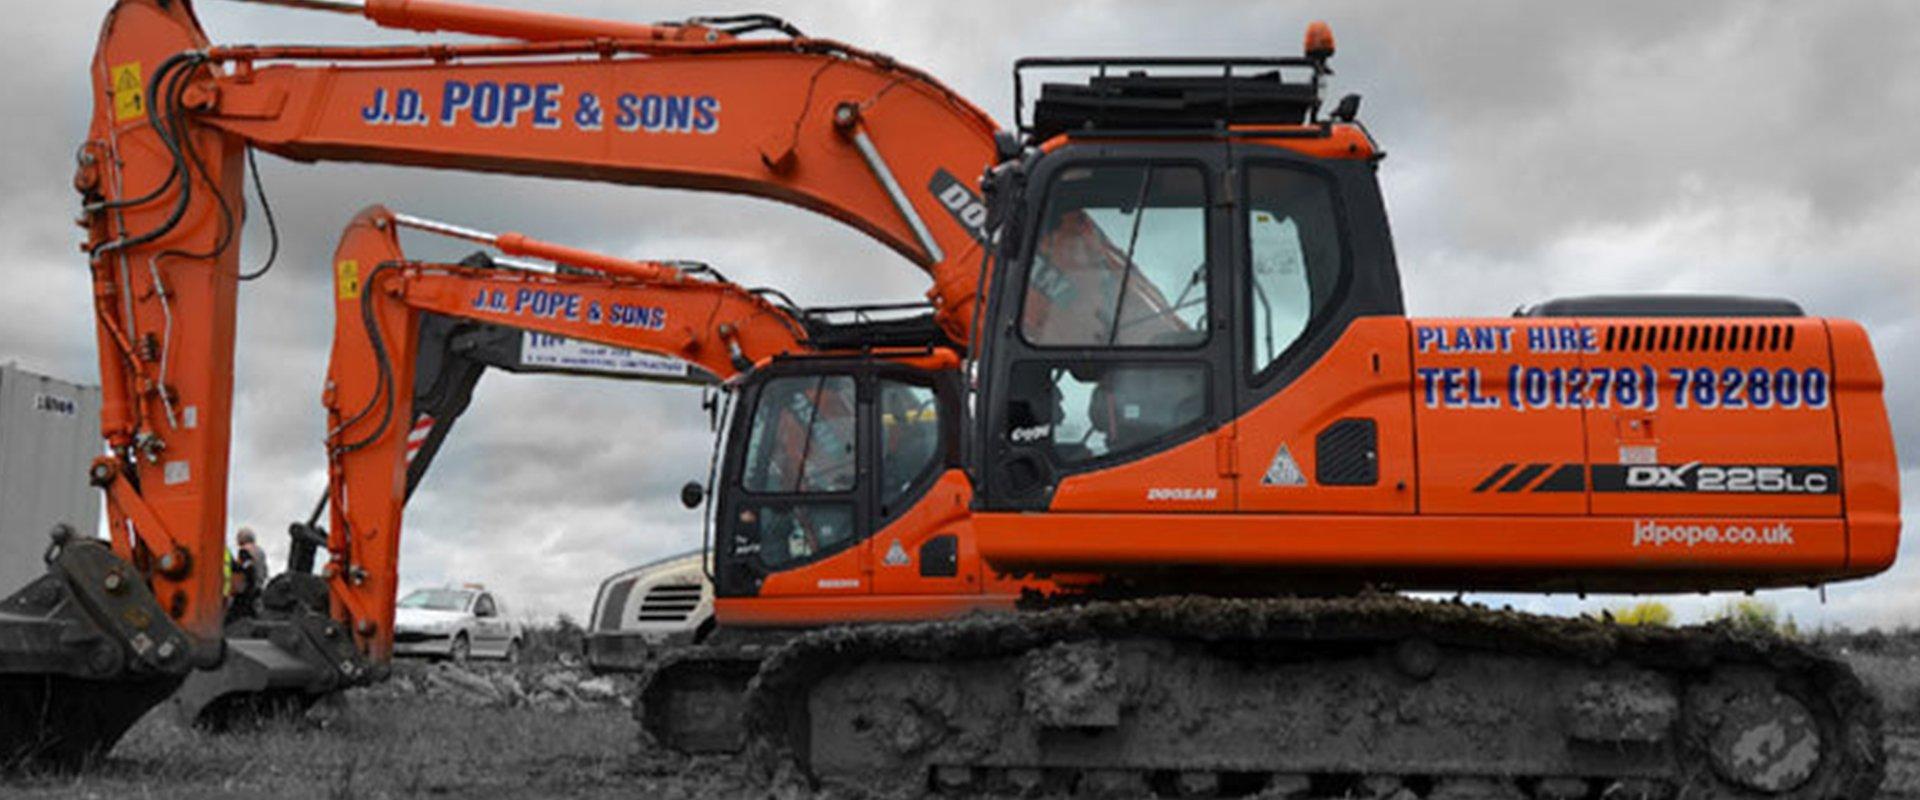 orange coloured Excavator